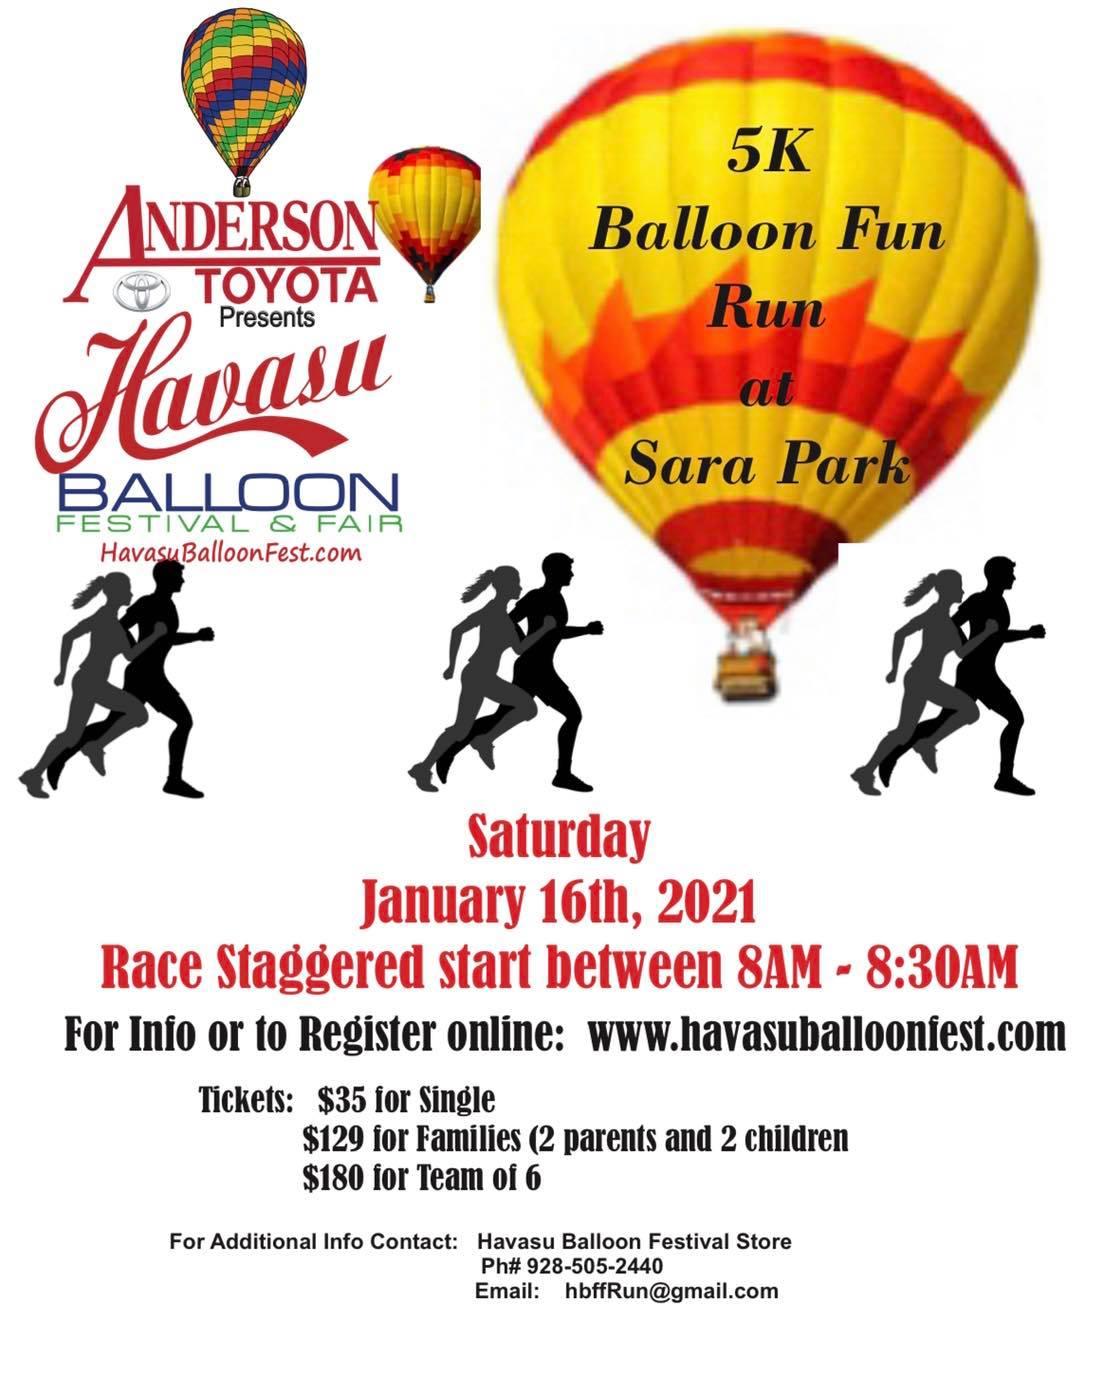 Balloon Fest 5K Fun Run